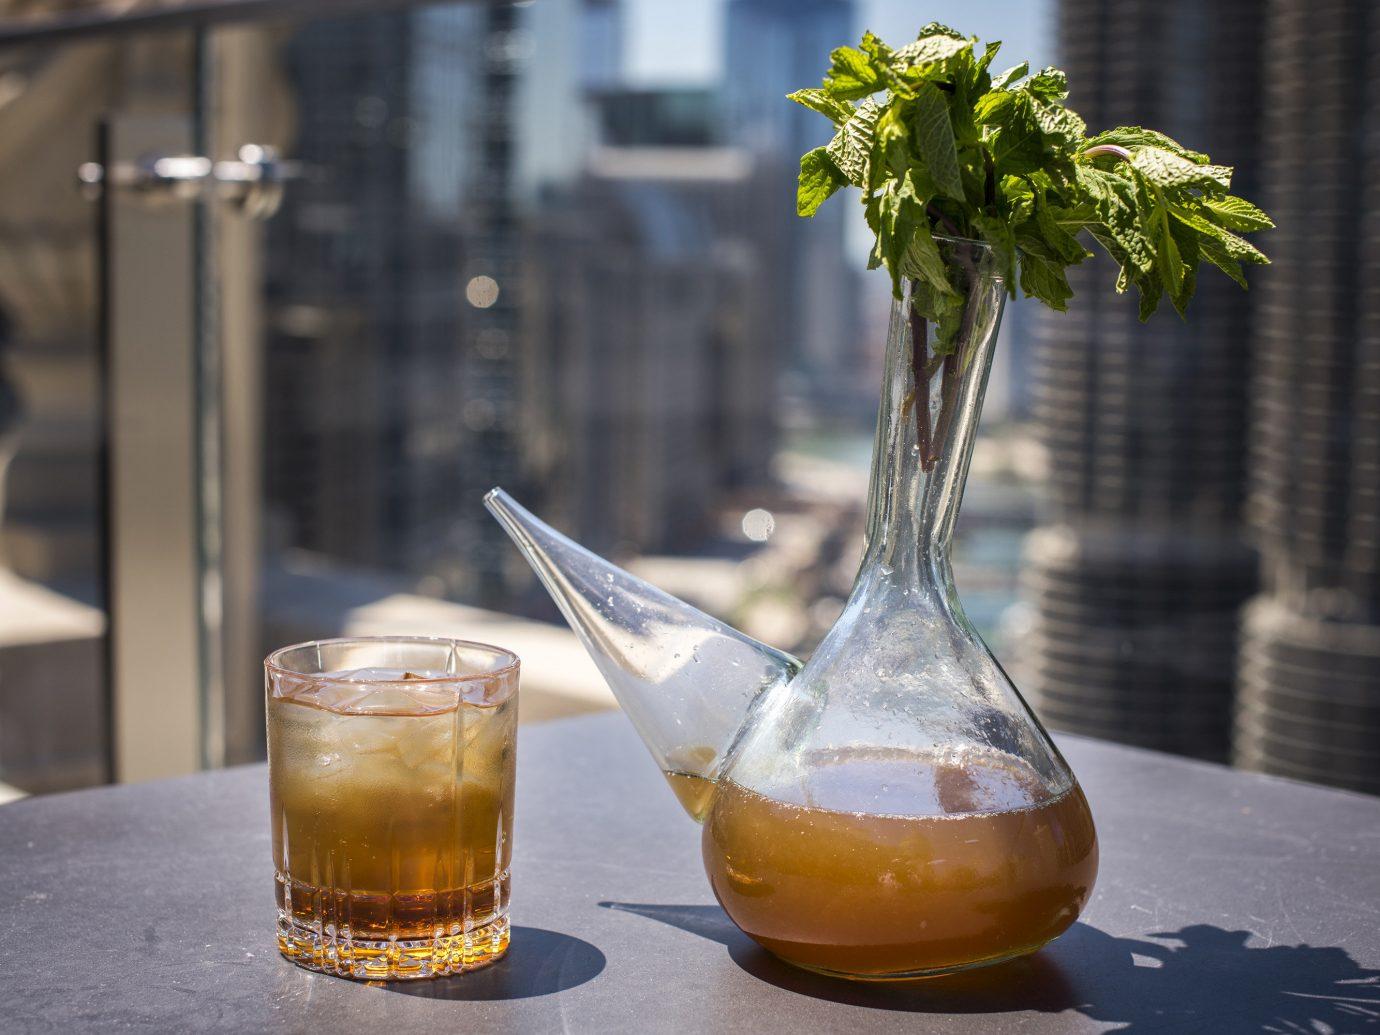 Food + Drink table cup glass Drink alcoholic beverage distilled beverage lighting liqueur cocktail food beverage